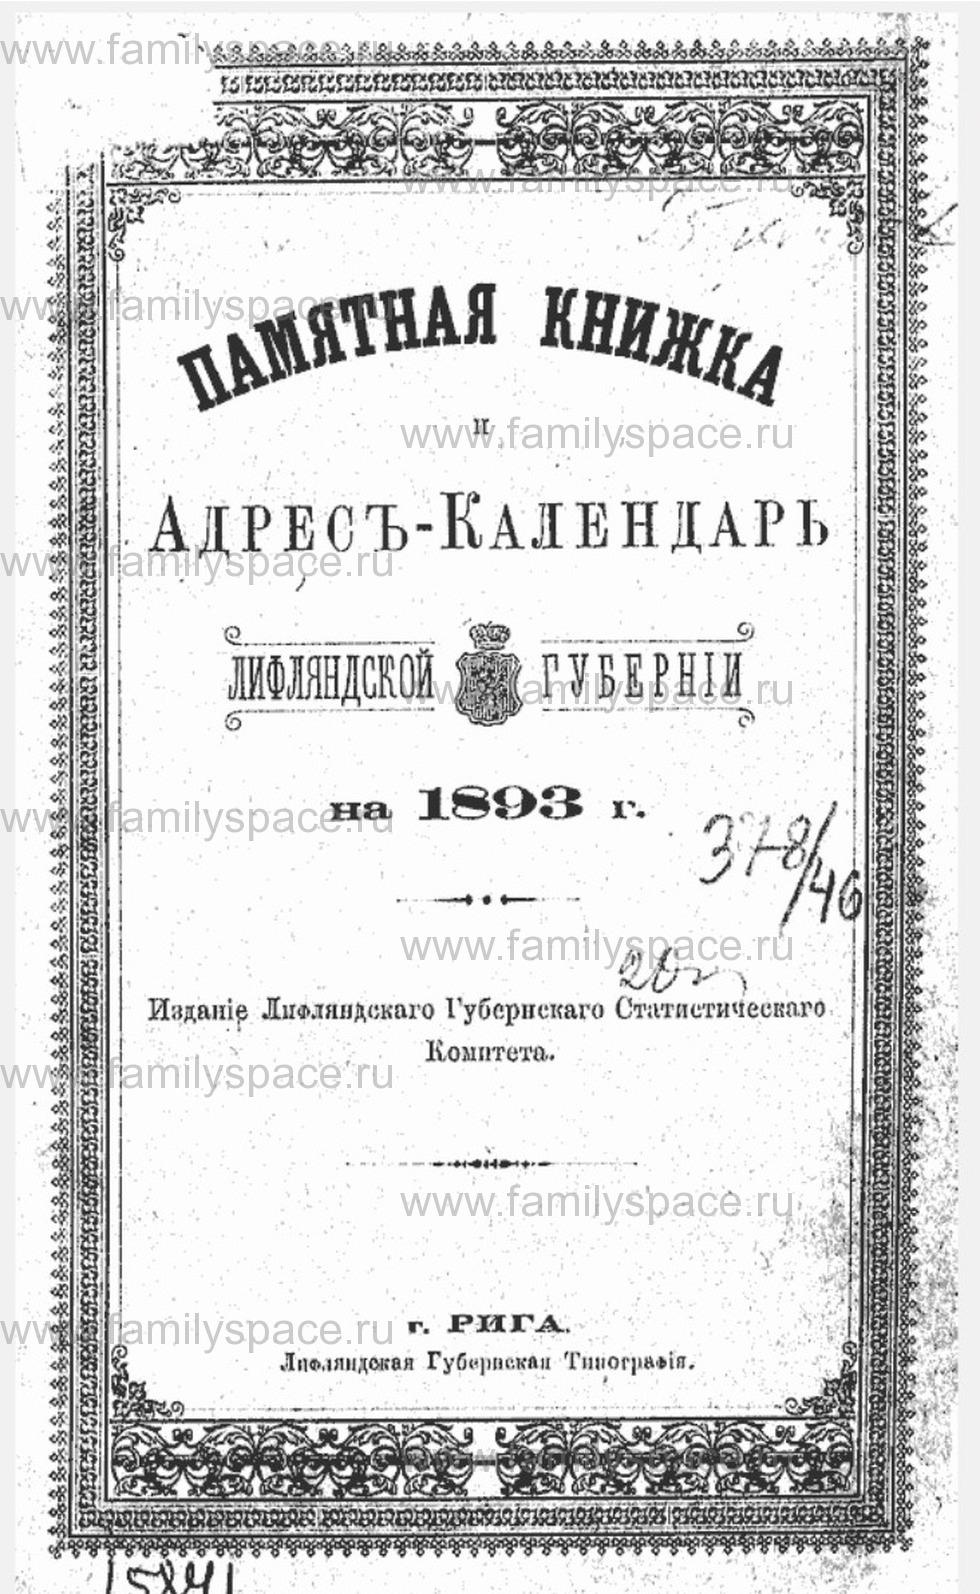 Поиск по фамилии - Памятная книга и адрес-календарь Лифляндской губернии на 1893 г, страница 1